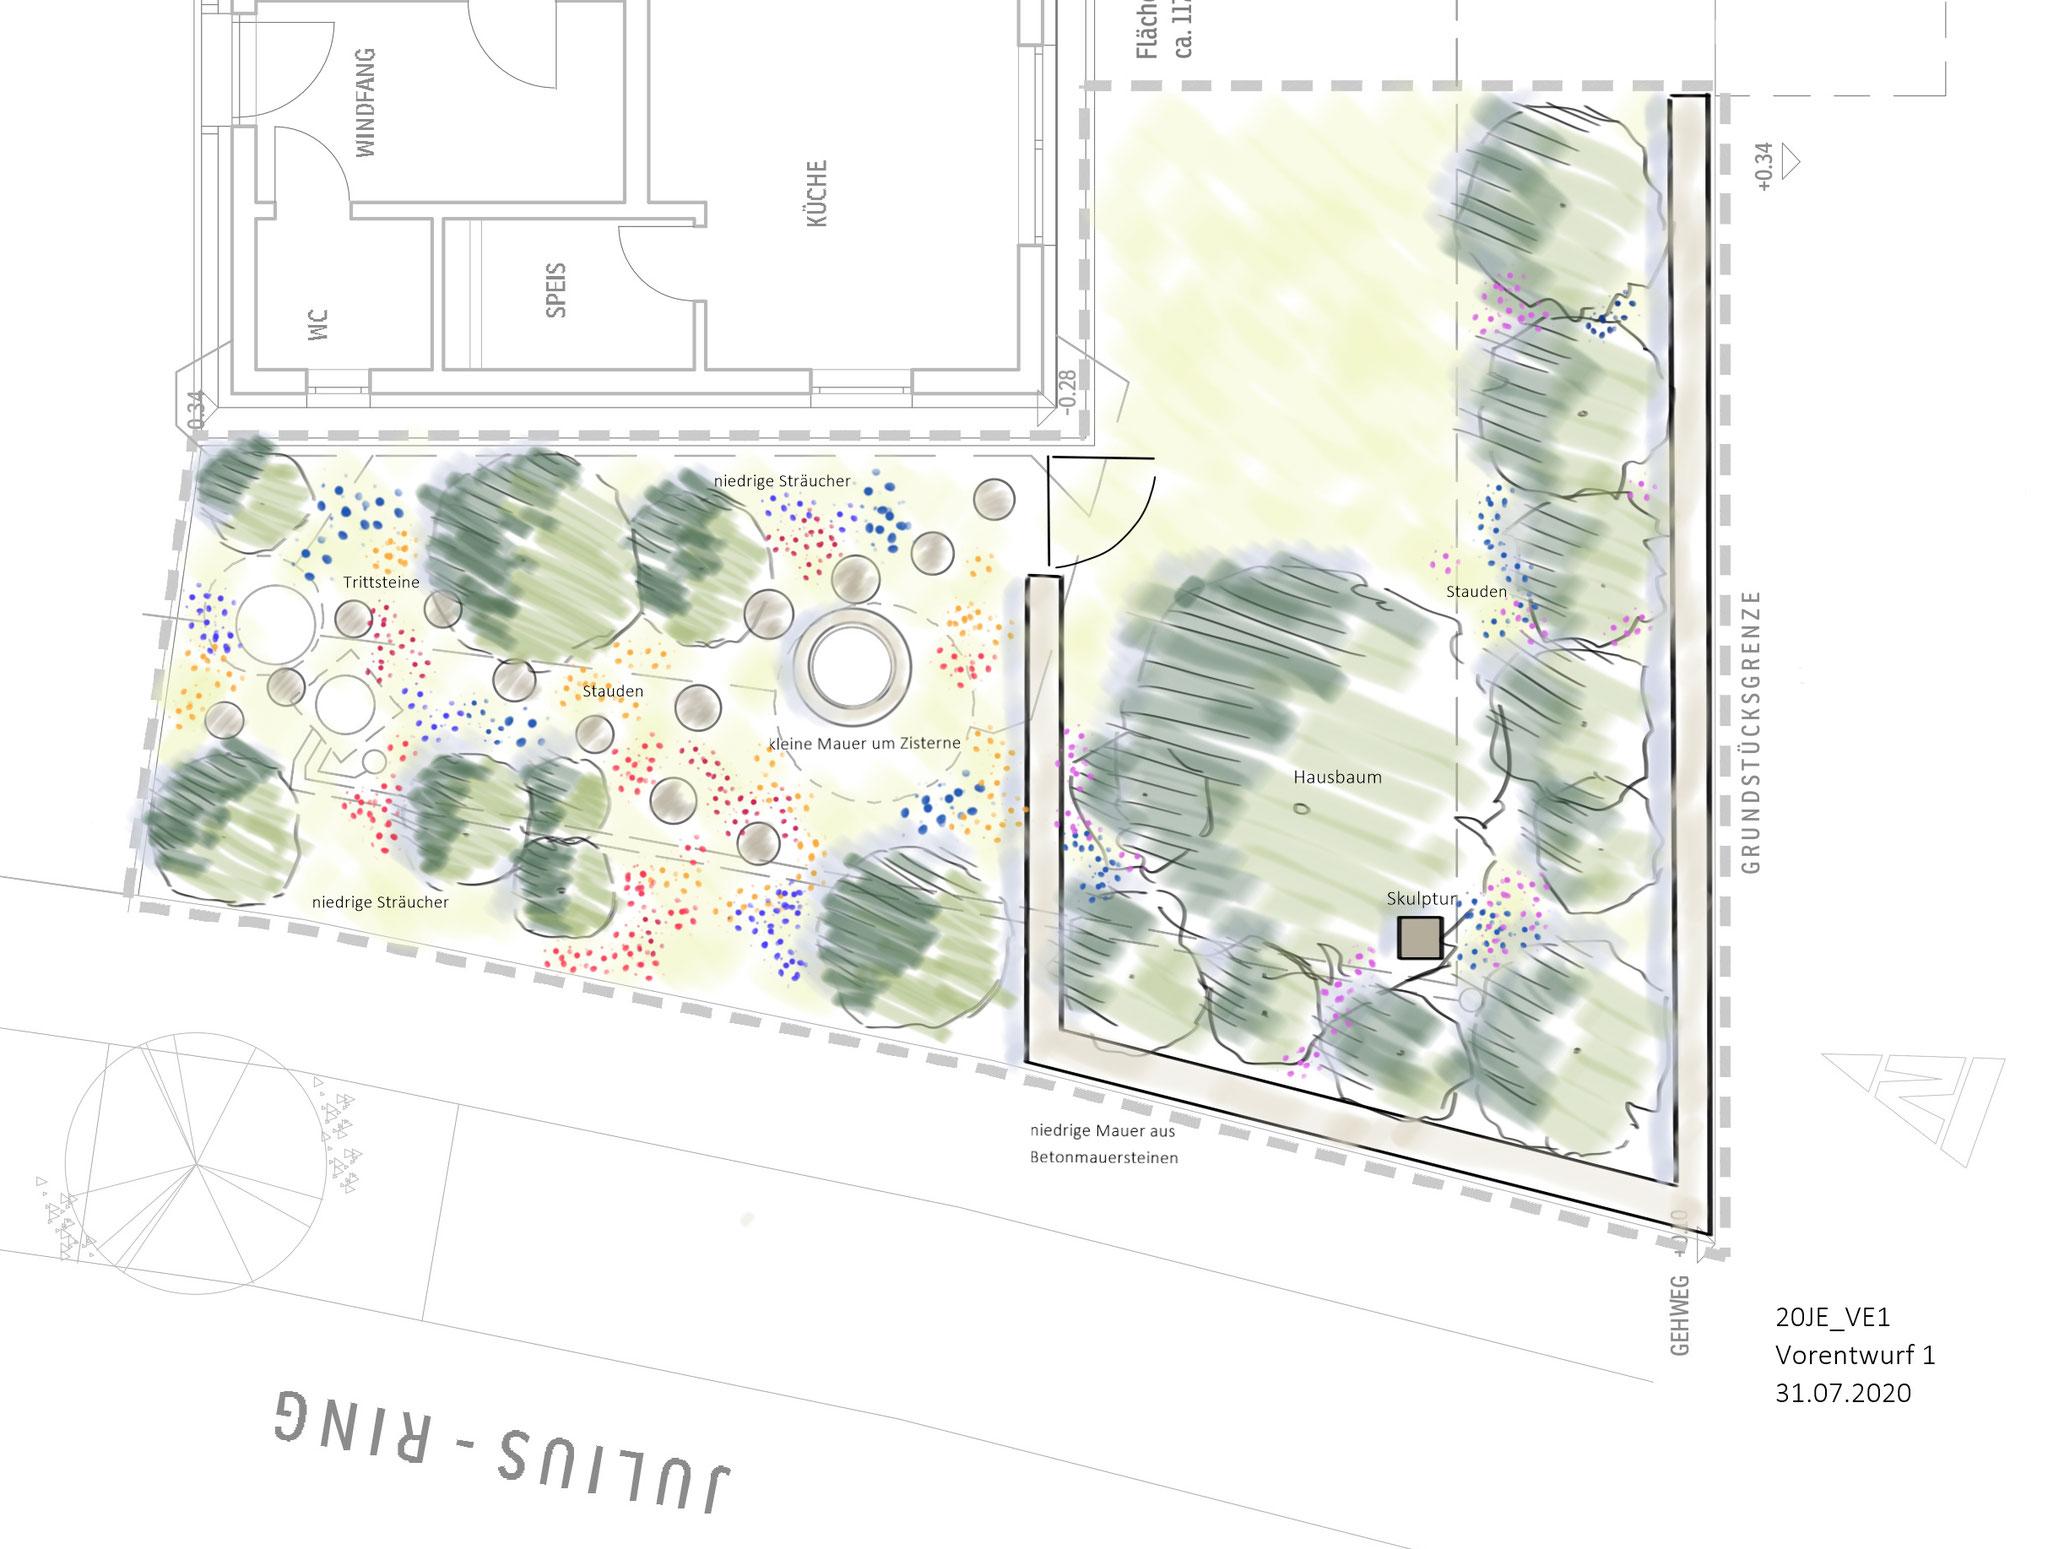 Vorentwurfsskizze für einen Vorgarten, Hirschaid